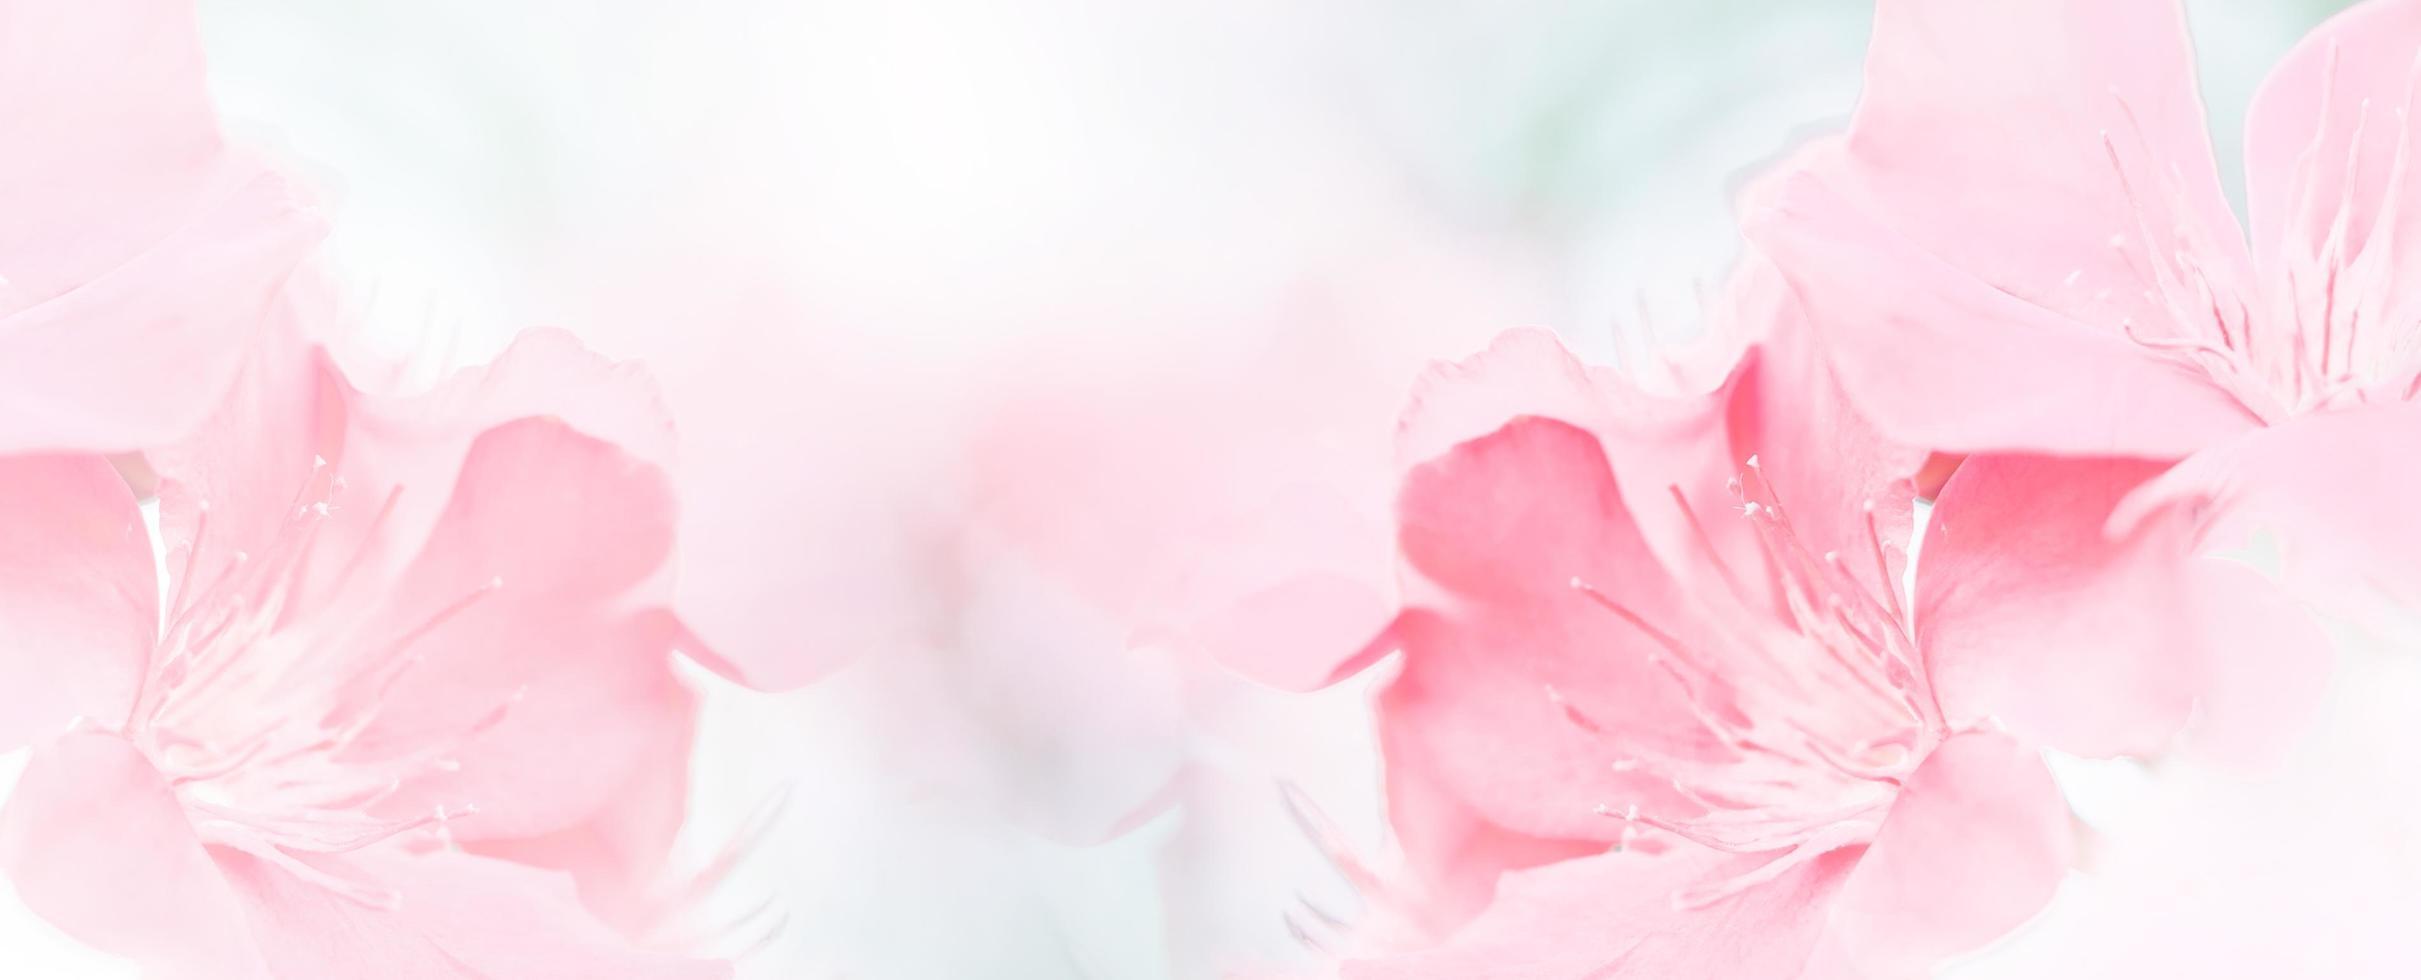 Fondo de rama de flor de primavera hermosa rosa roja con espacio de copia libre para tarjeta de felicitación o portada ambiental, plantilla, banner web y encabezado. foto